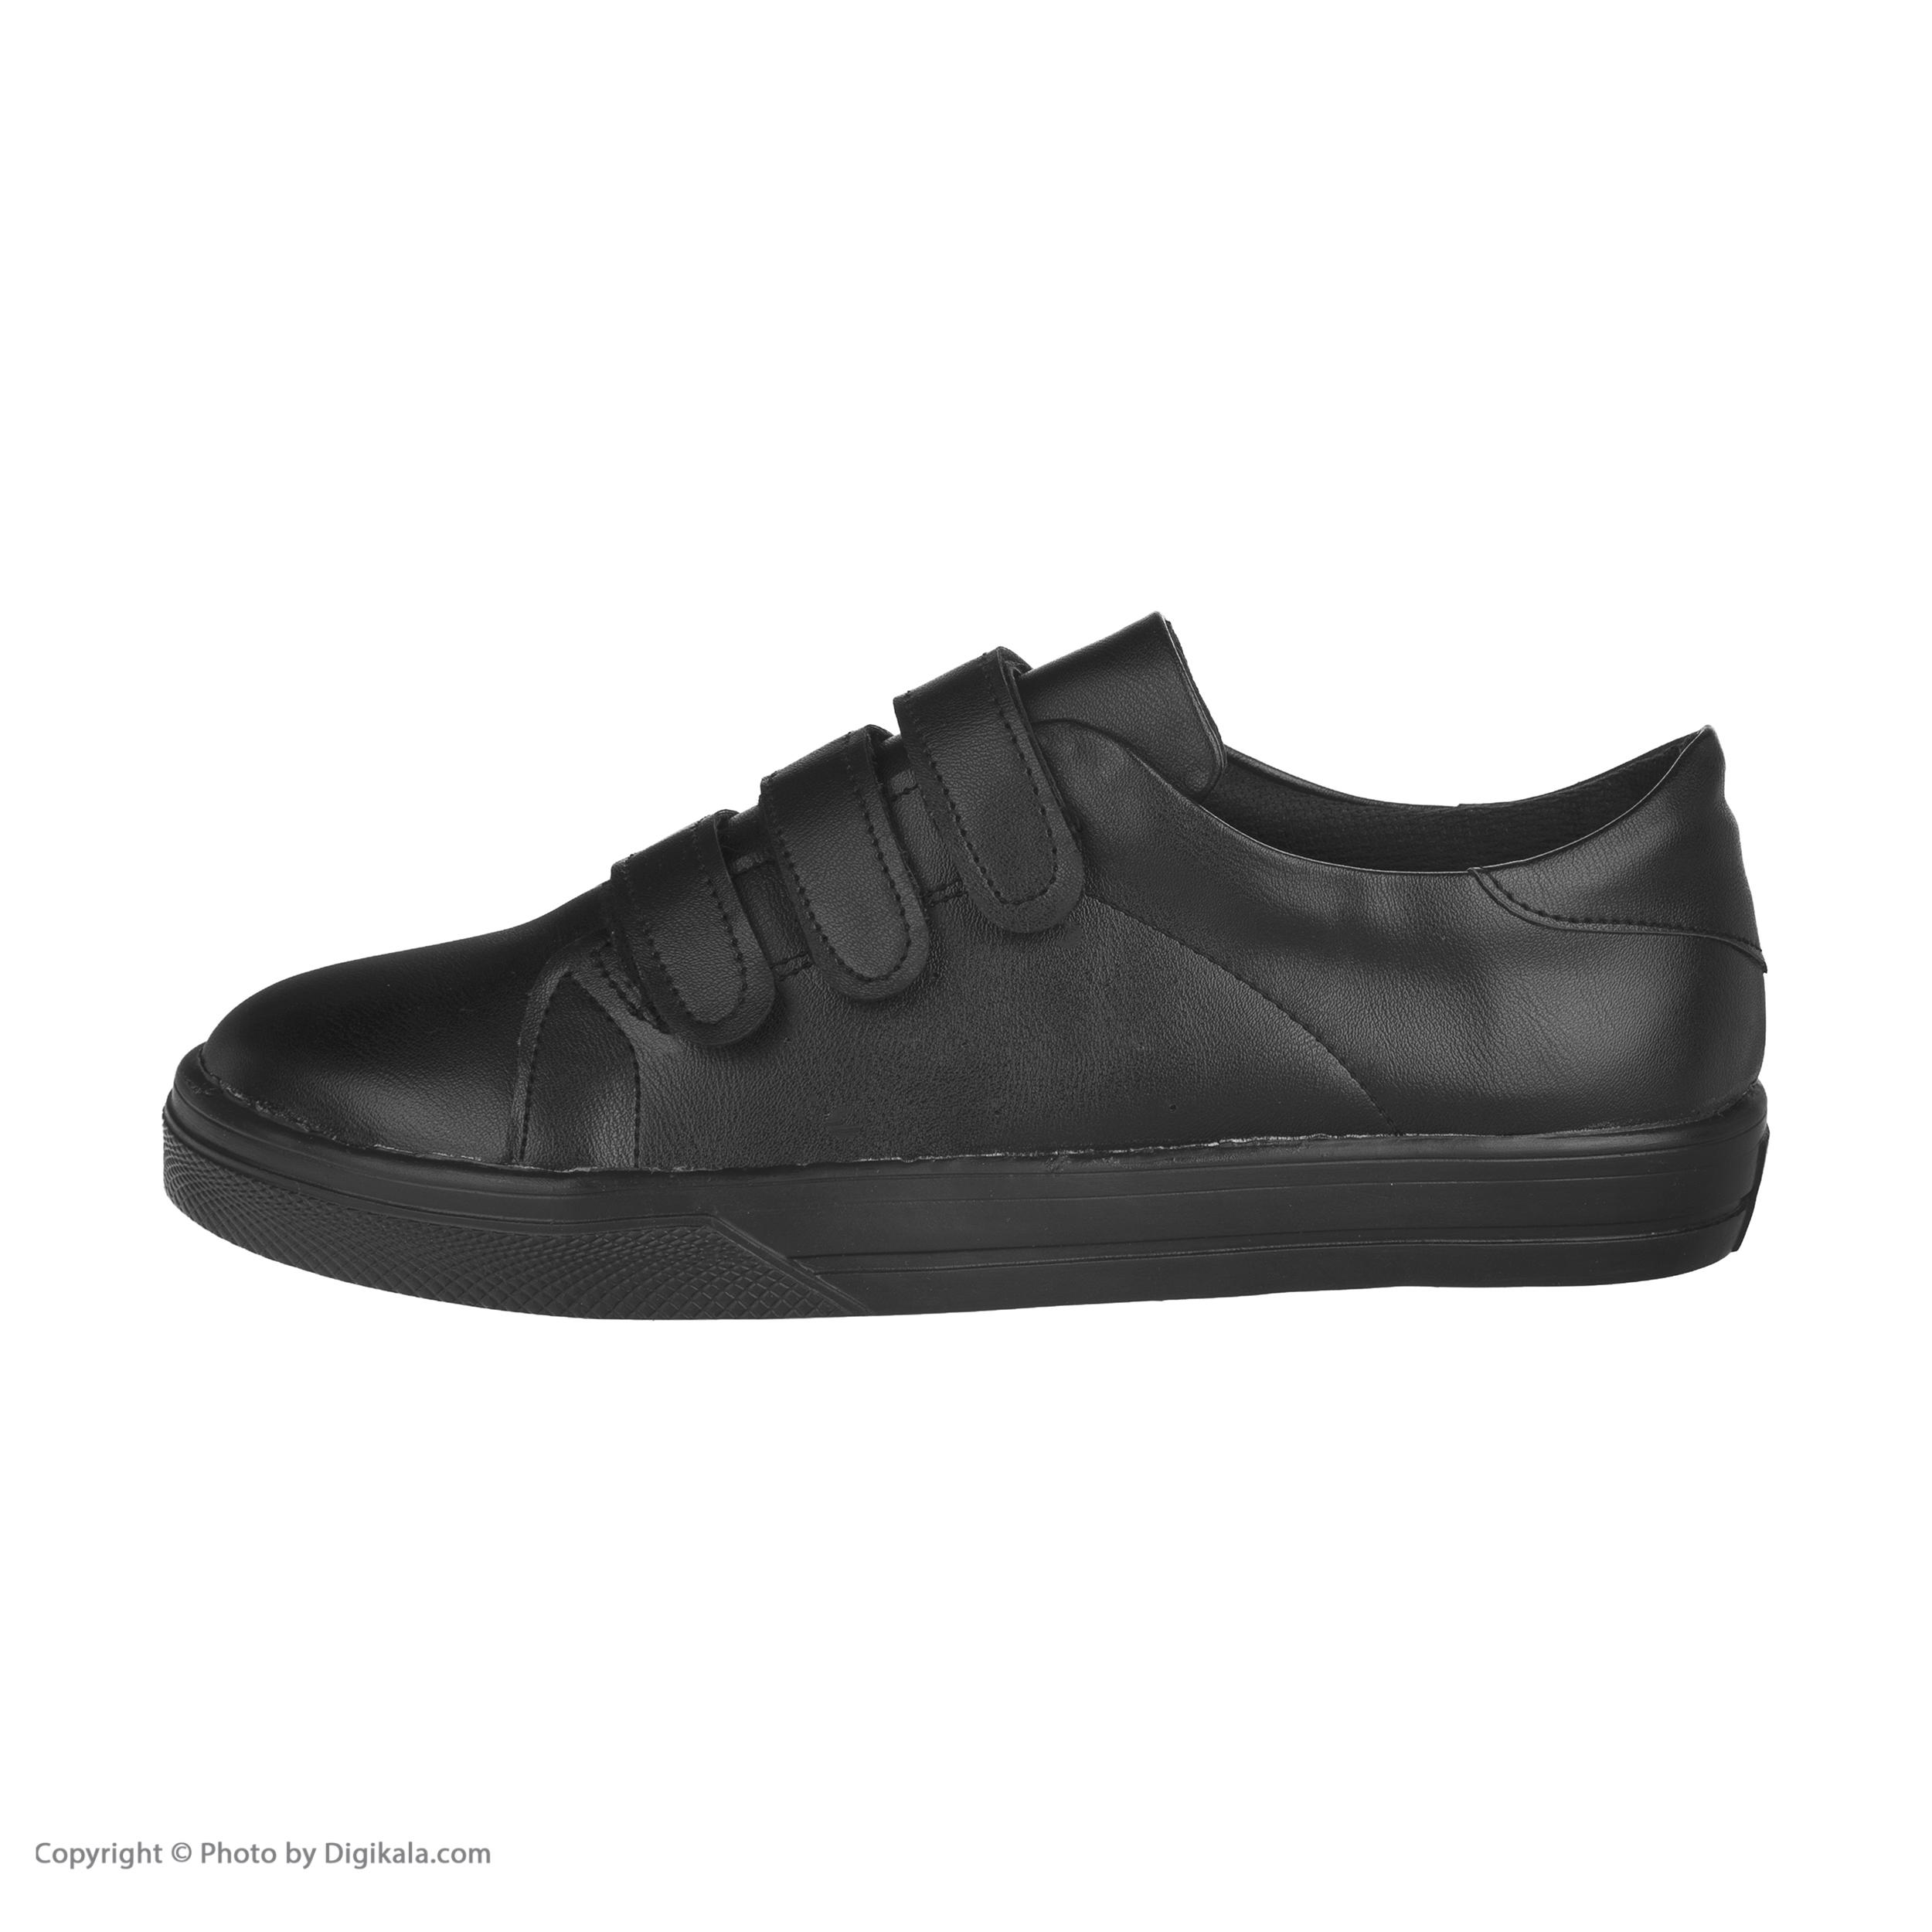 کفش روزمره زنانه مدل نیکا کد 331 - aaakk